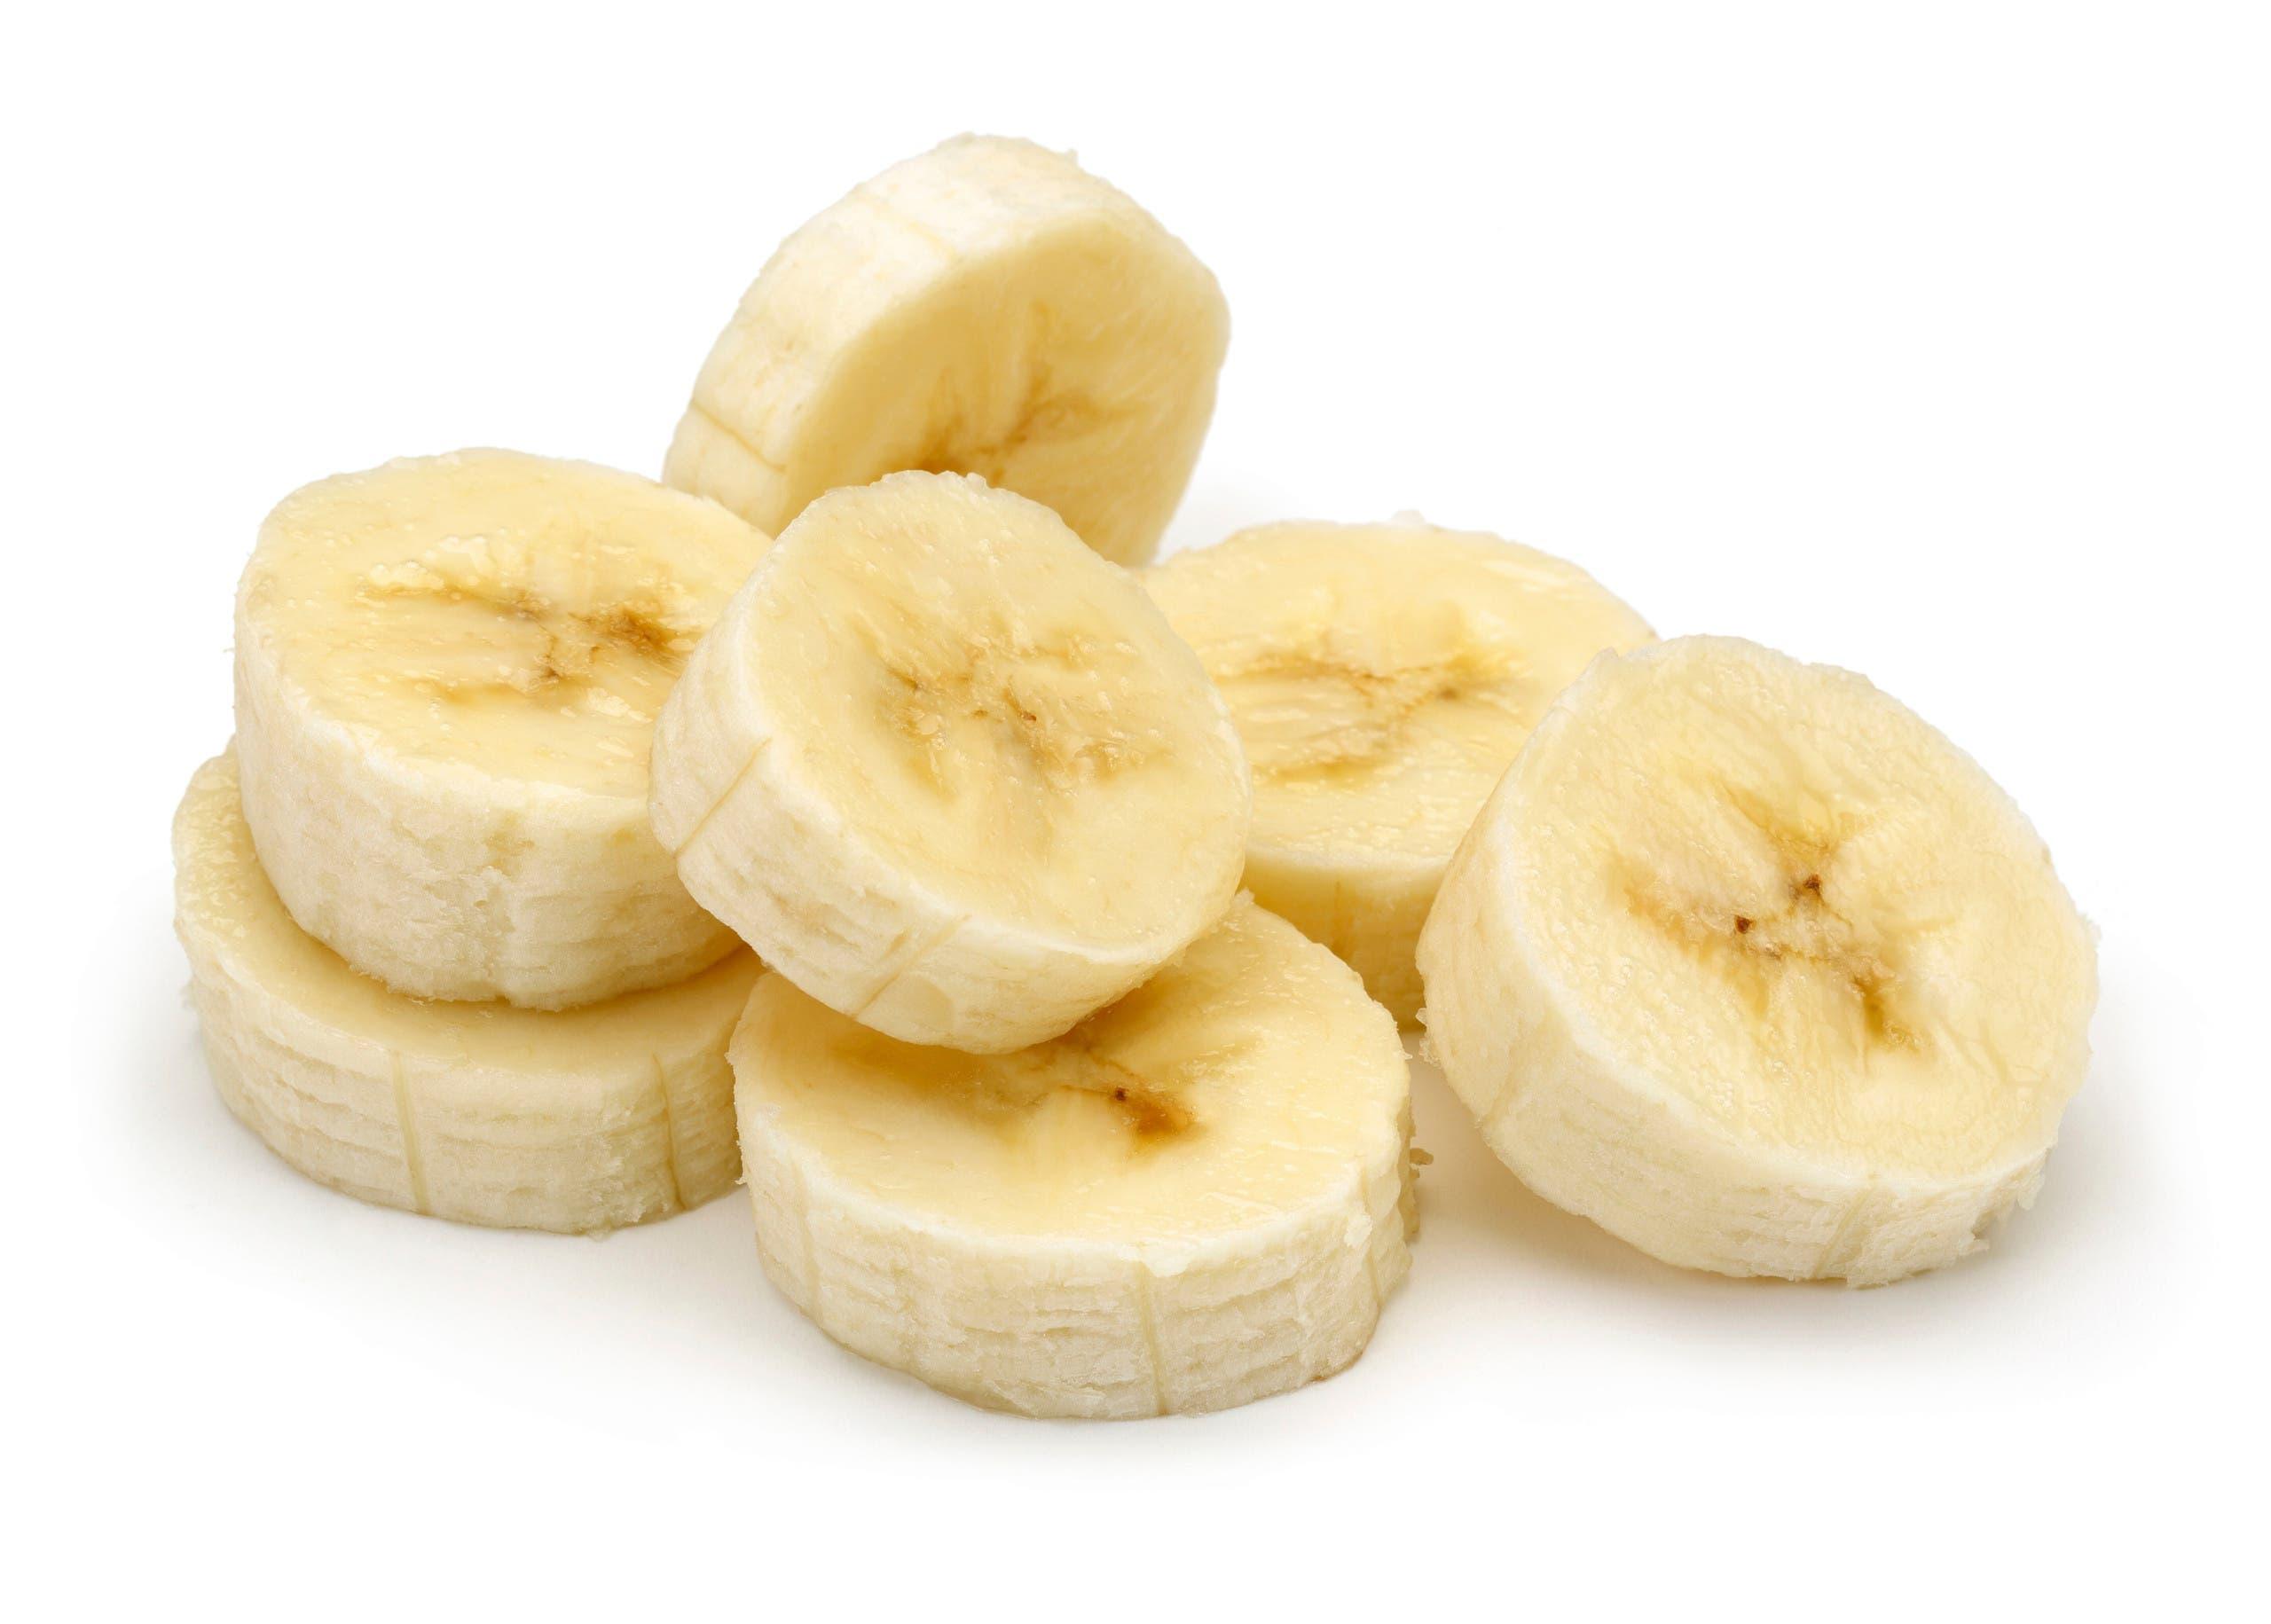 فوائد لشراب الموز تجعلك تتمسك